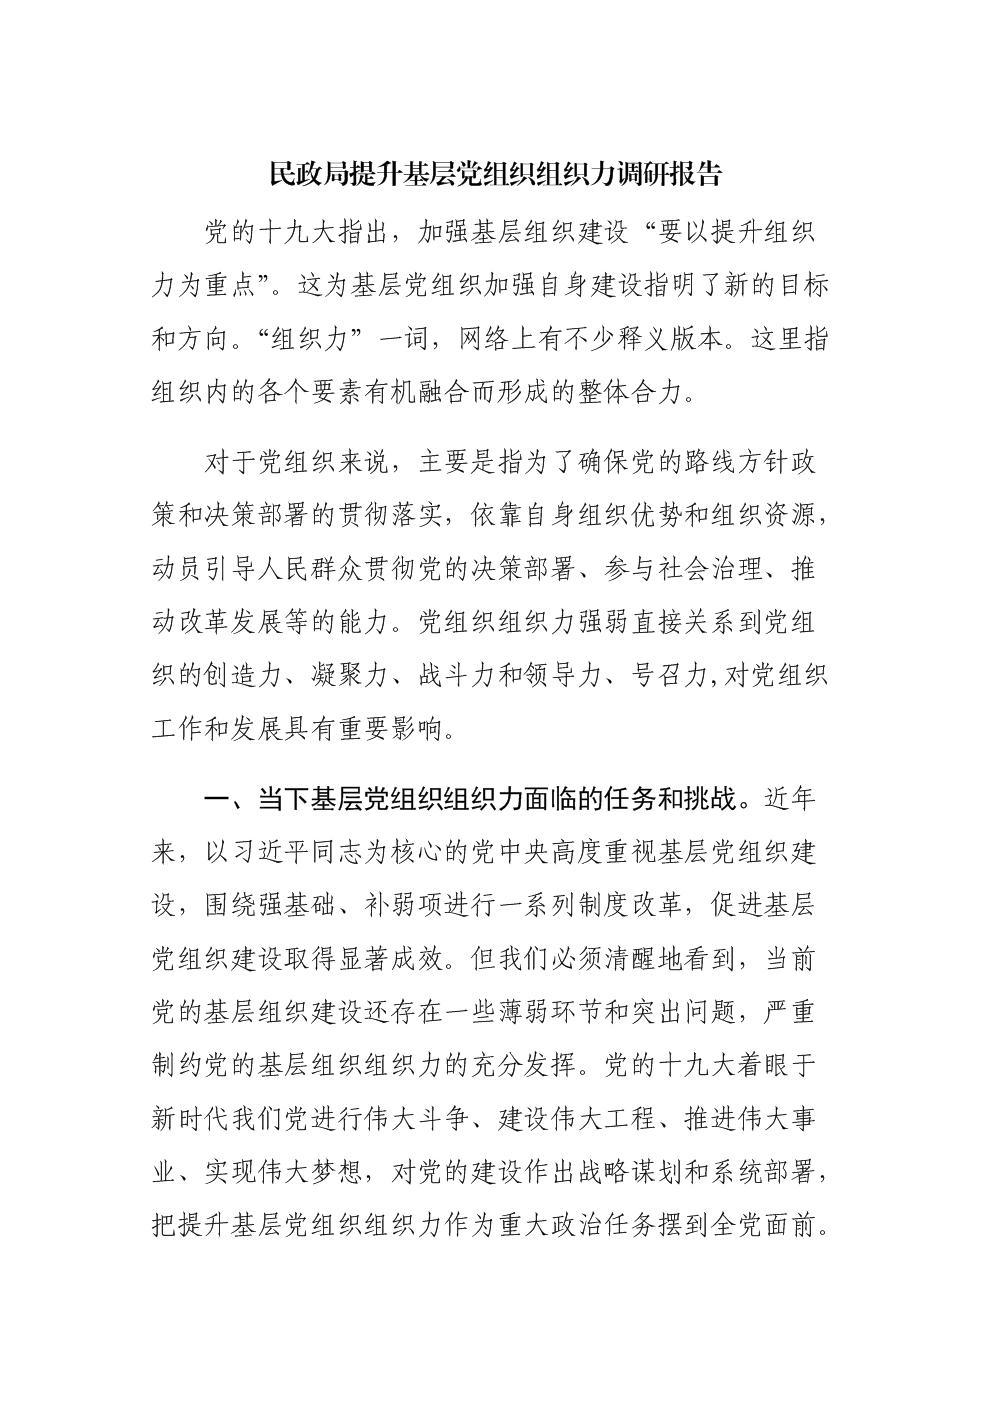 民政局提升基层党组织组织力调研报告.docx